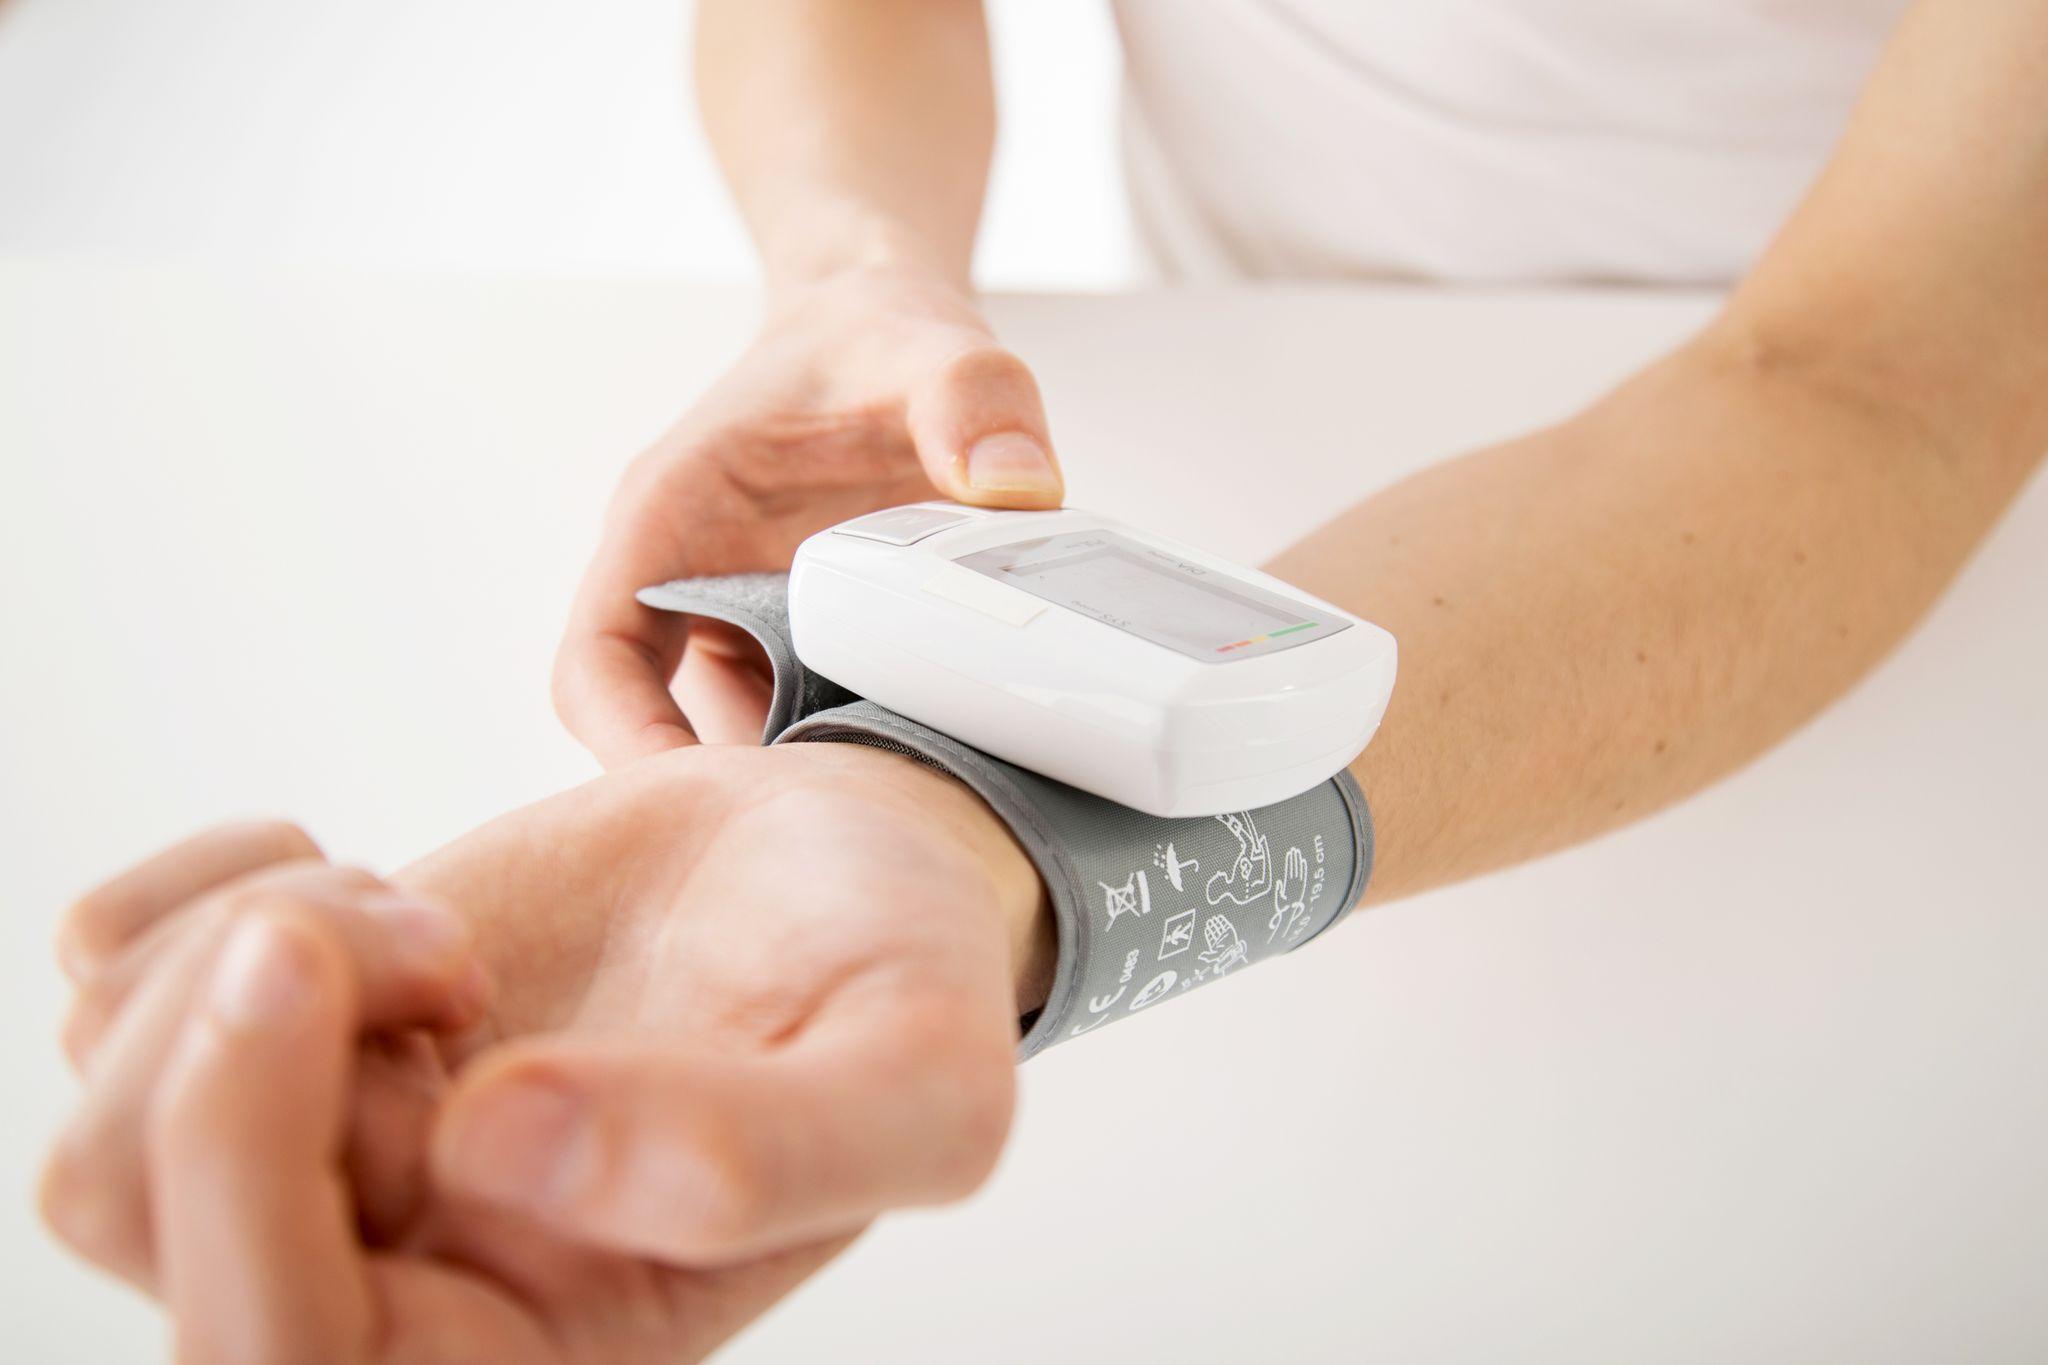 La presión arterial se puede controlar fácimente con tensiómetros de muñeca (Foto: Christin Klose/dpa)